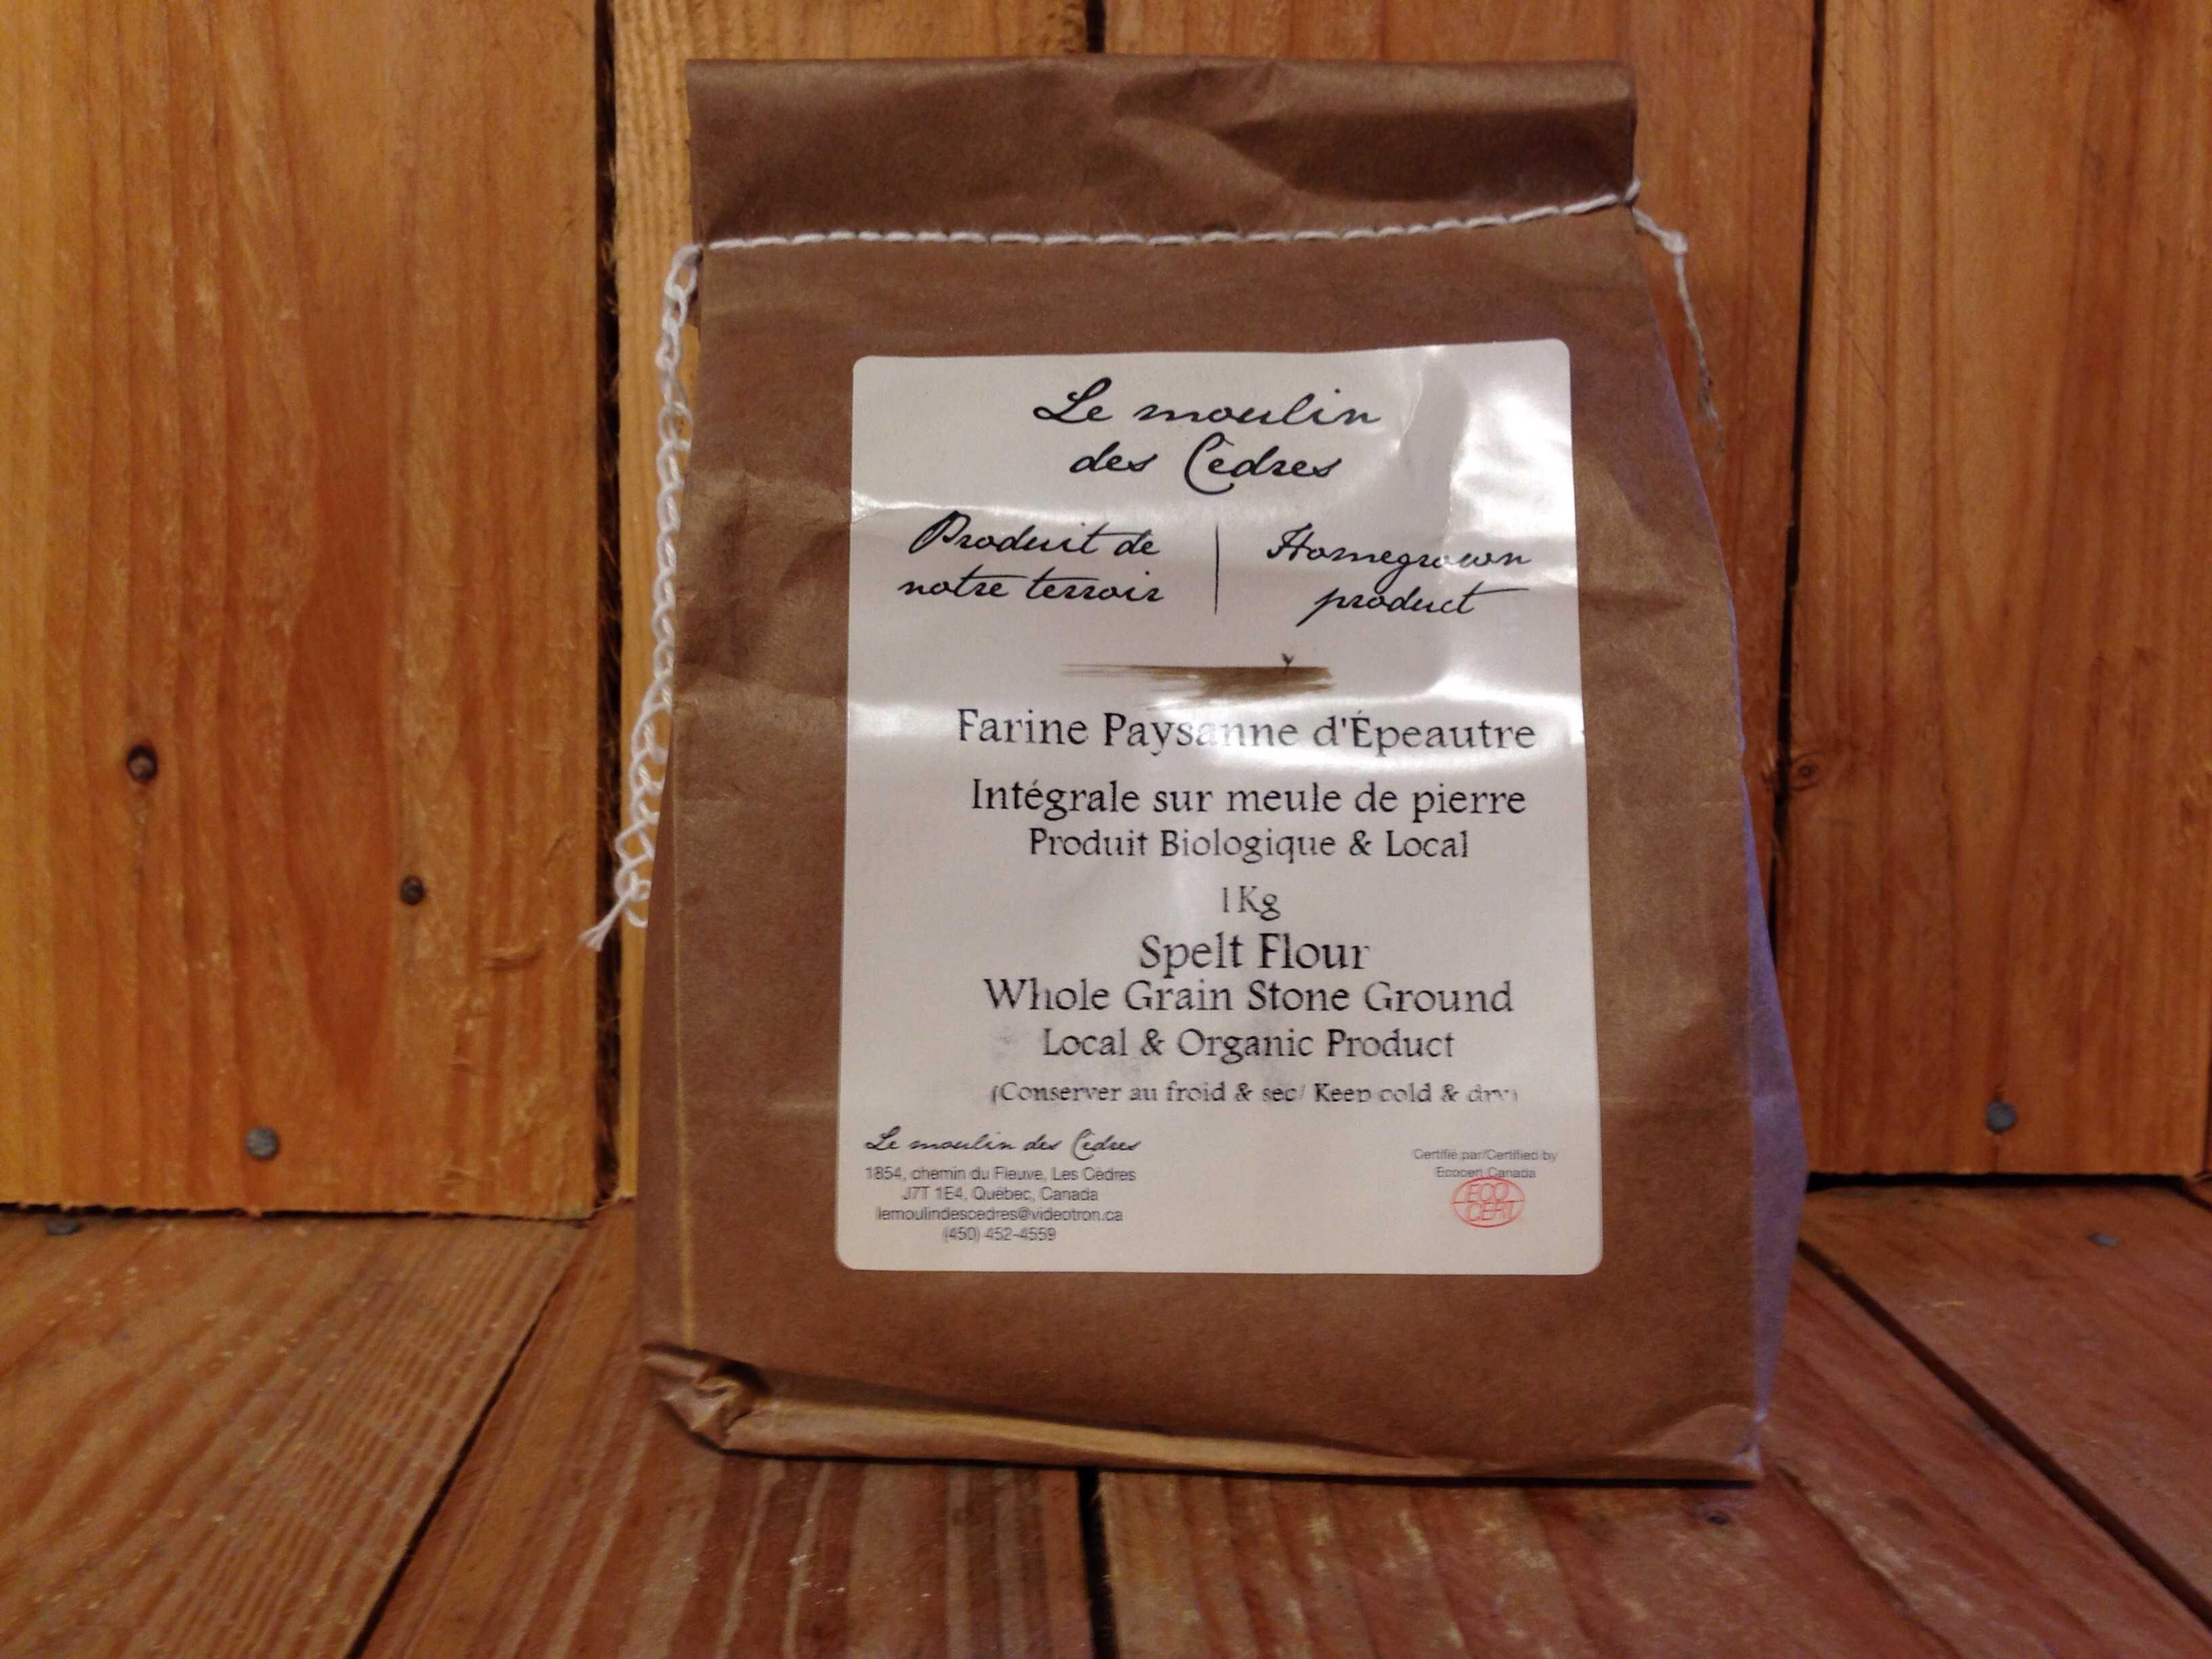 Le Moulin des Cedres – Spelt Flour (1kg)